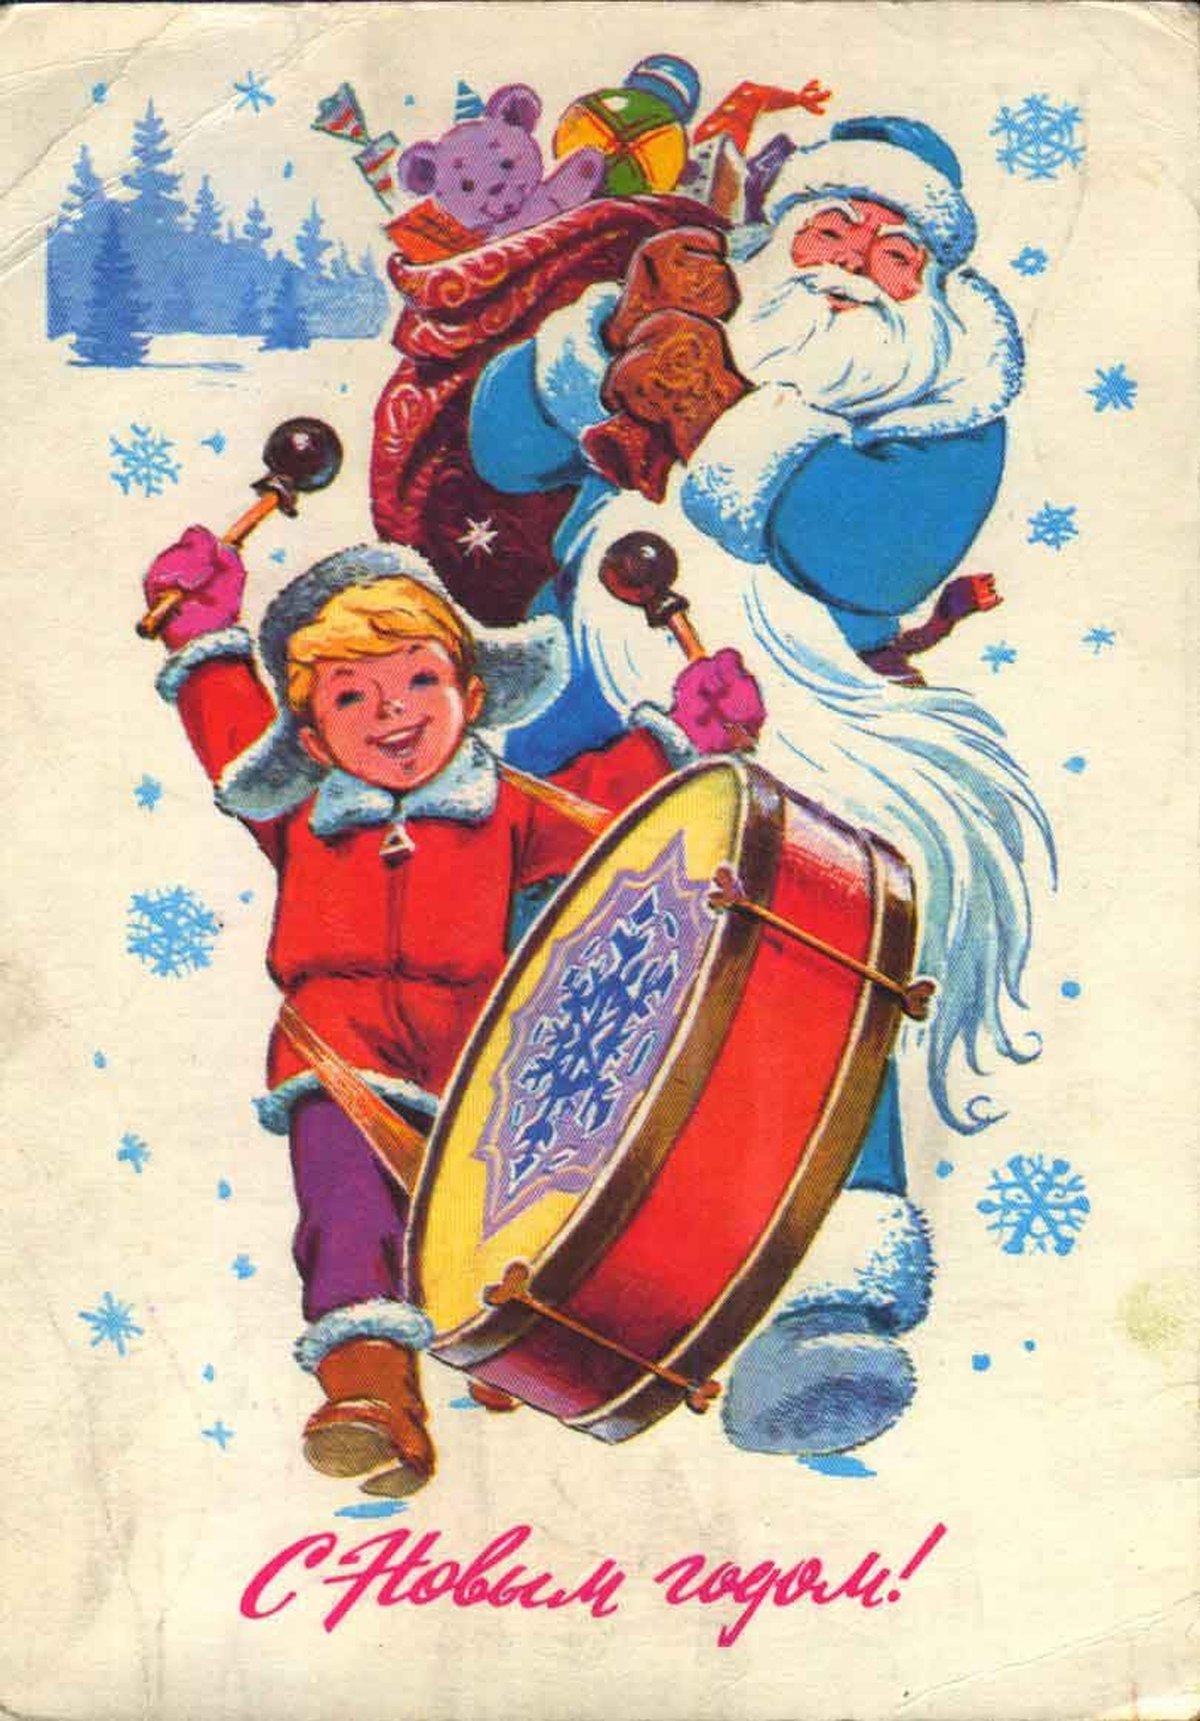 Успешной сдачей, раритетные открытки с новым годом